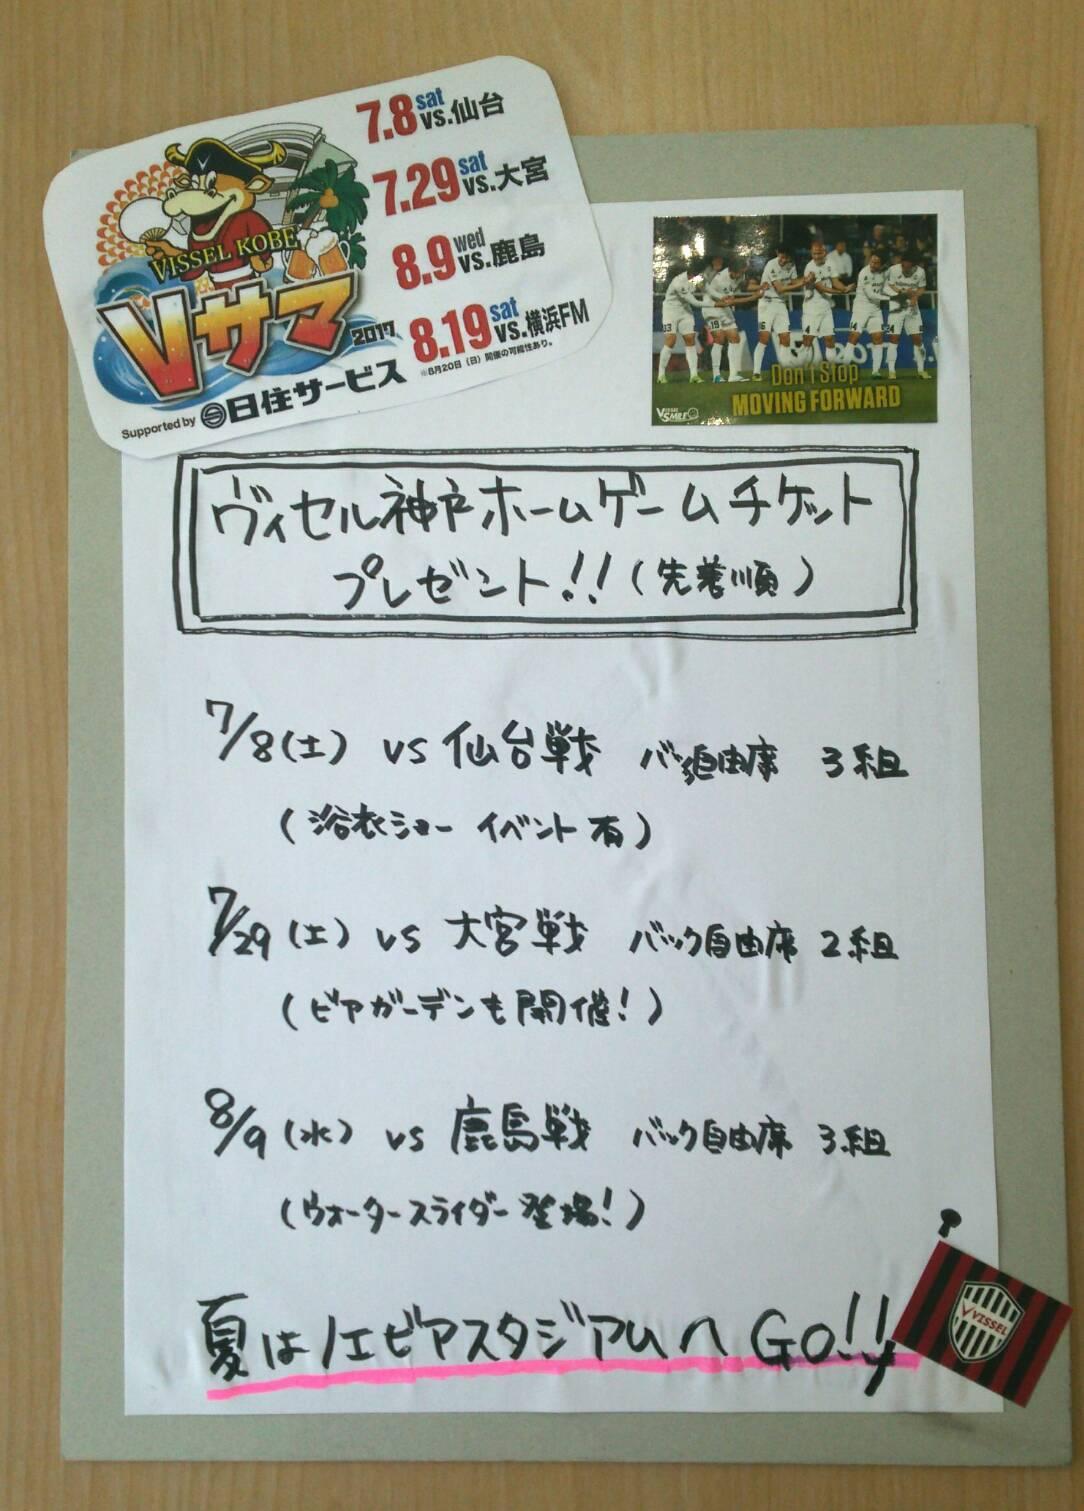 ヴィッセル神戸ホームゲームチケットプレゼント!_d0013202_14524613.jpg